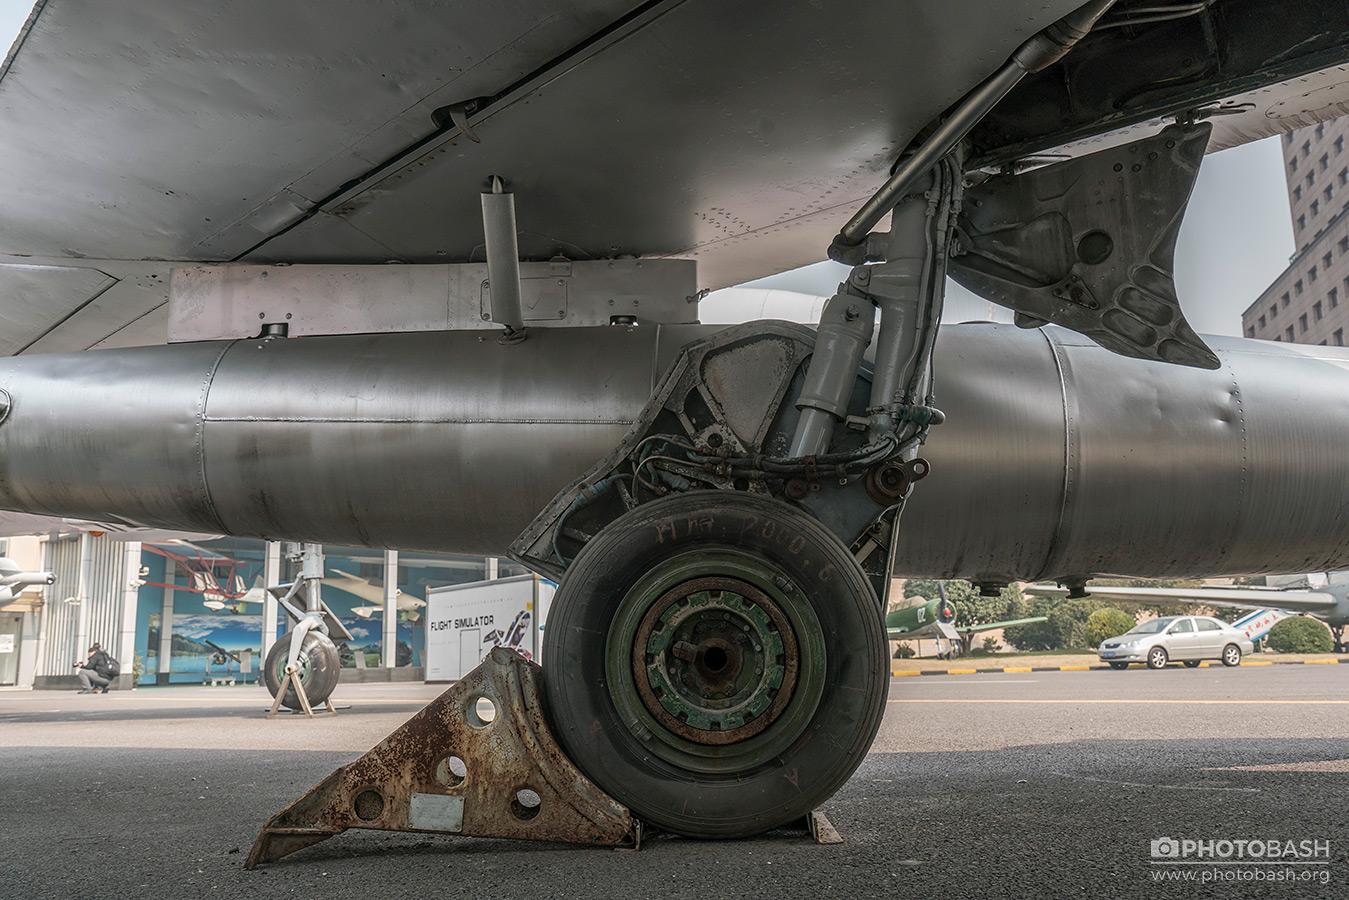 Soviet-Jet-Fighter-Airplane-Wheels.jpg